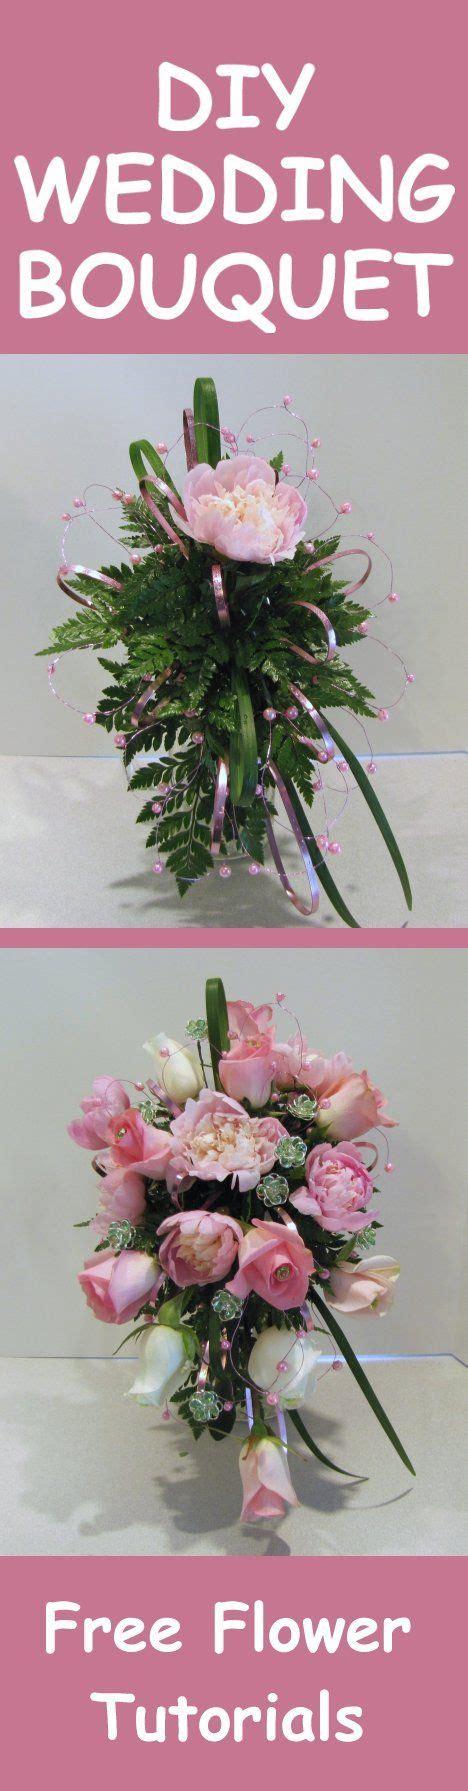 peony wedding bouquet tutorial easy diy wedding flowers